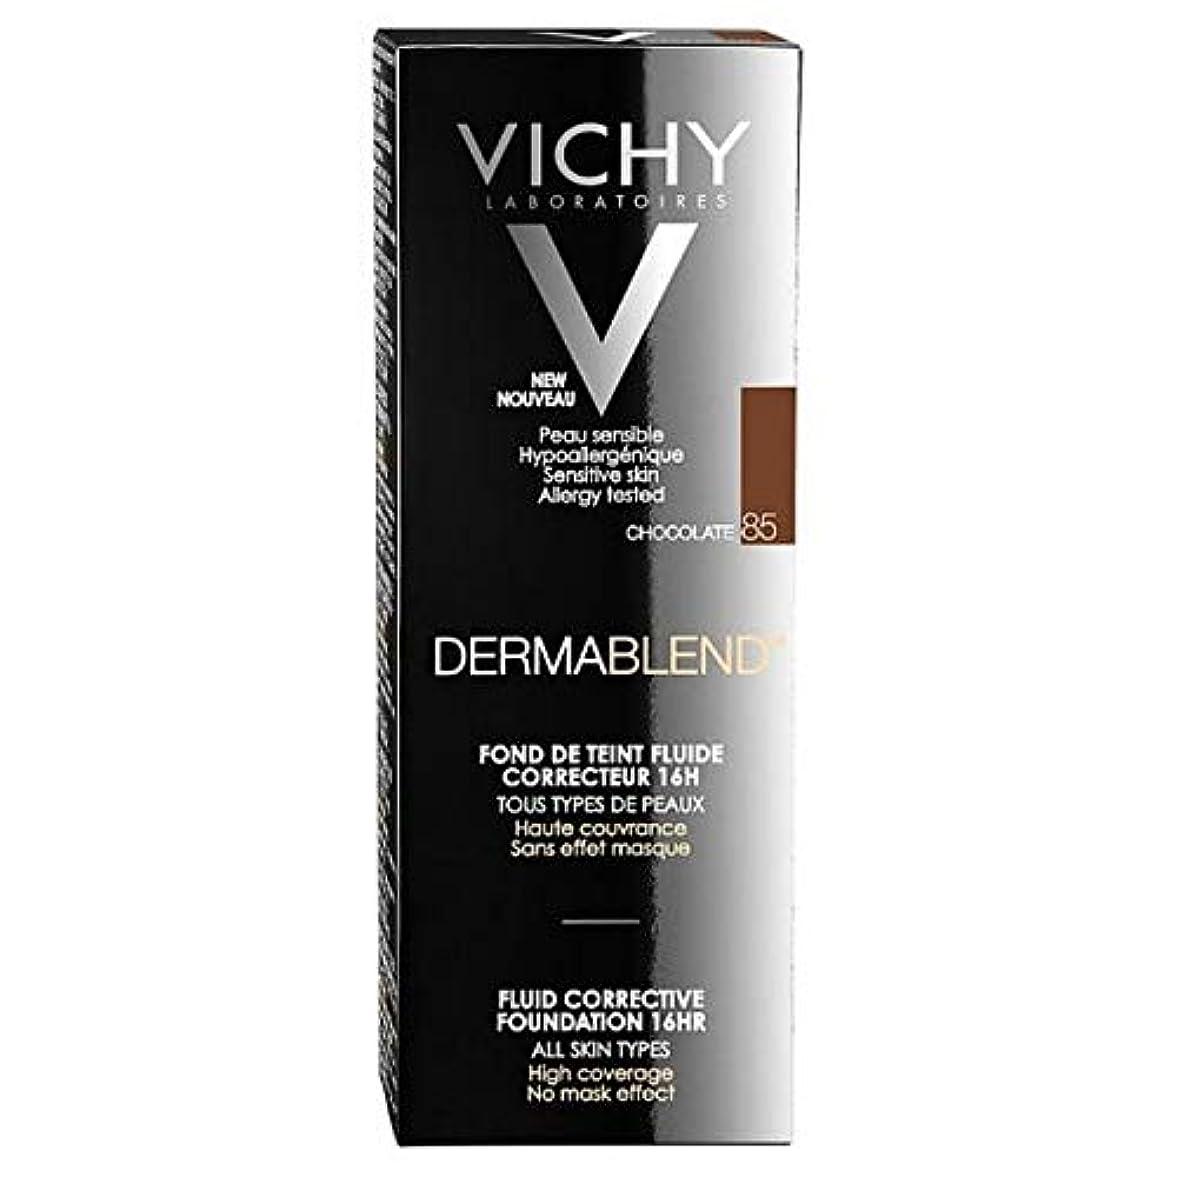 スキー大型トラックすなわち[Vichy ] ヴィシーDermablend流体是正基盤85 30ミリリットル - Vichy Dermablend Fluid Corrective Foundation 85 30ml [並行輸入品]